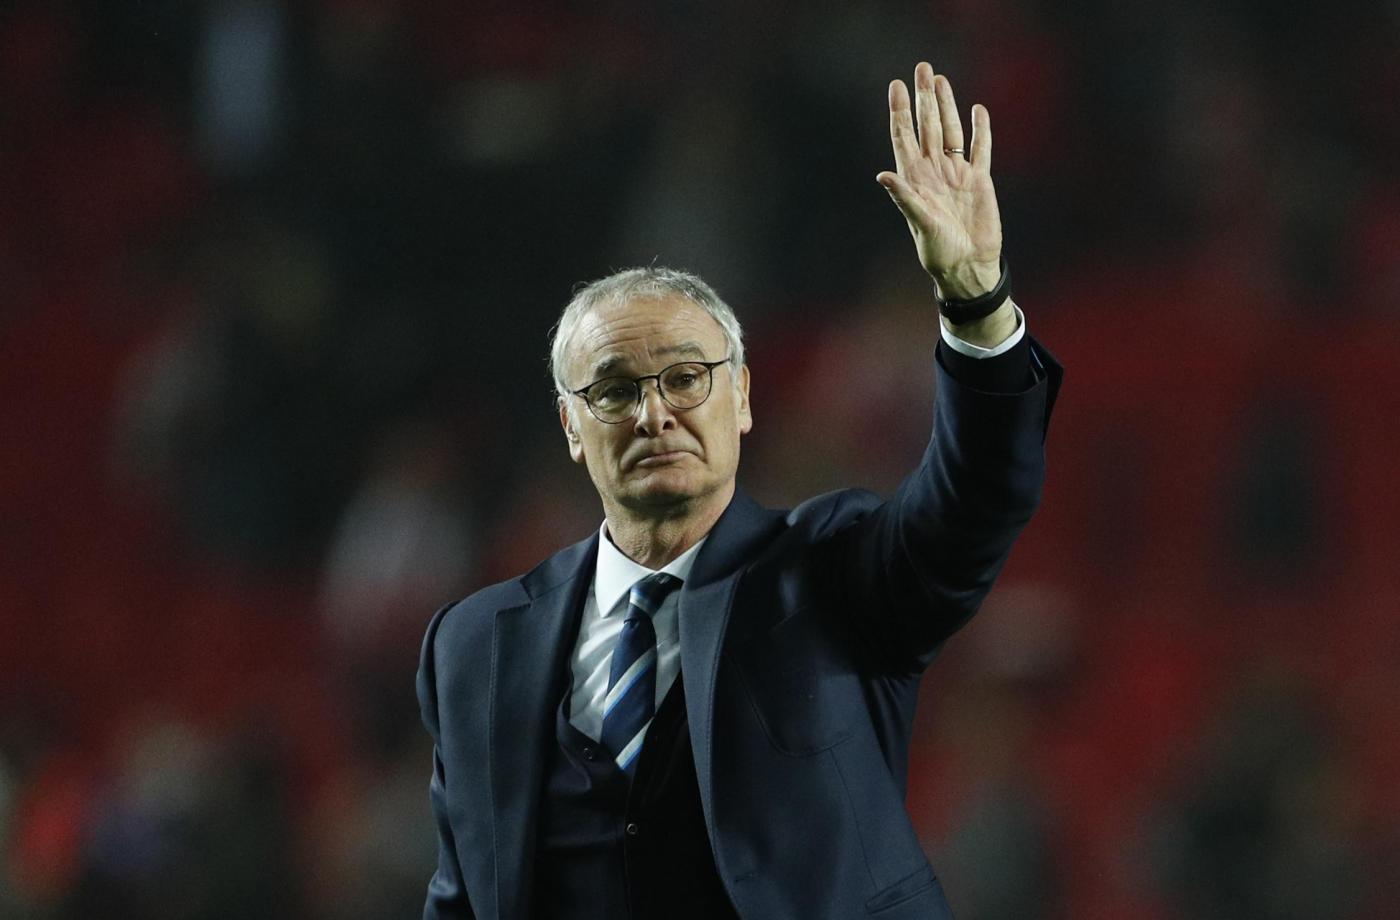 Ranieri esonerato: tutti i licenziamenti in carriera